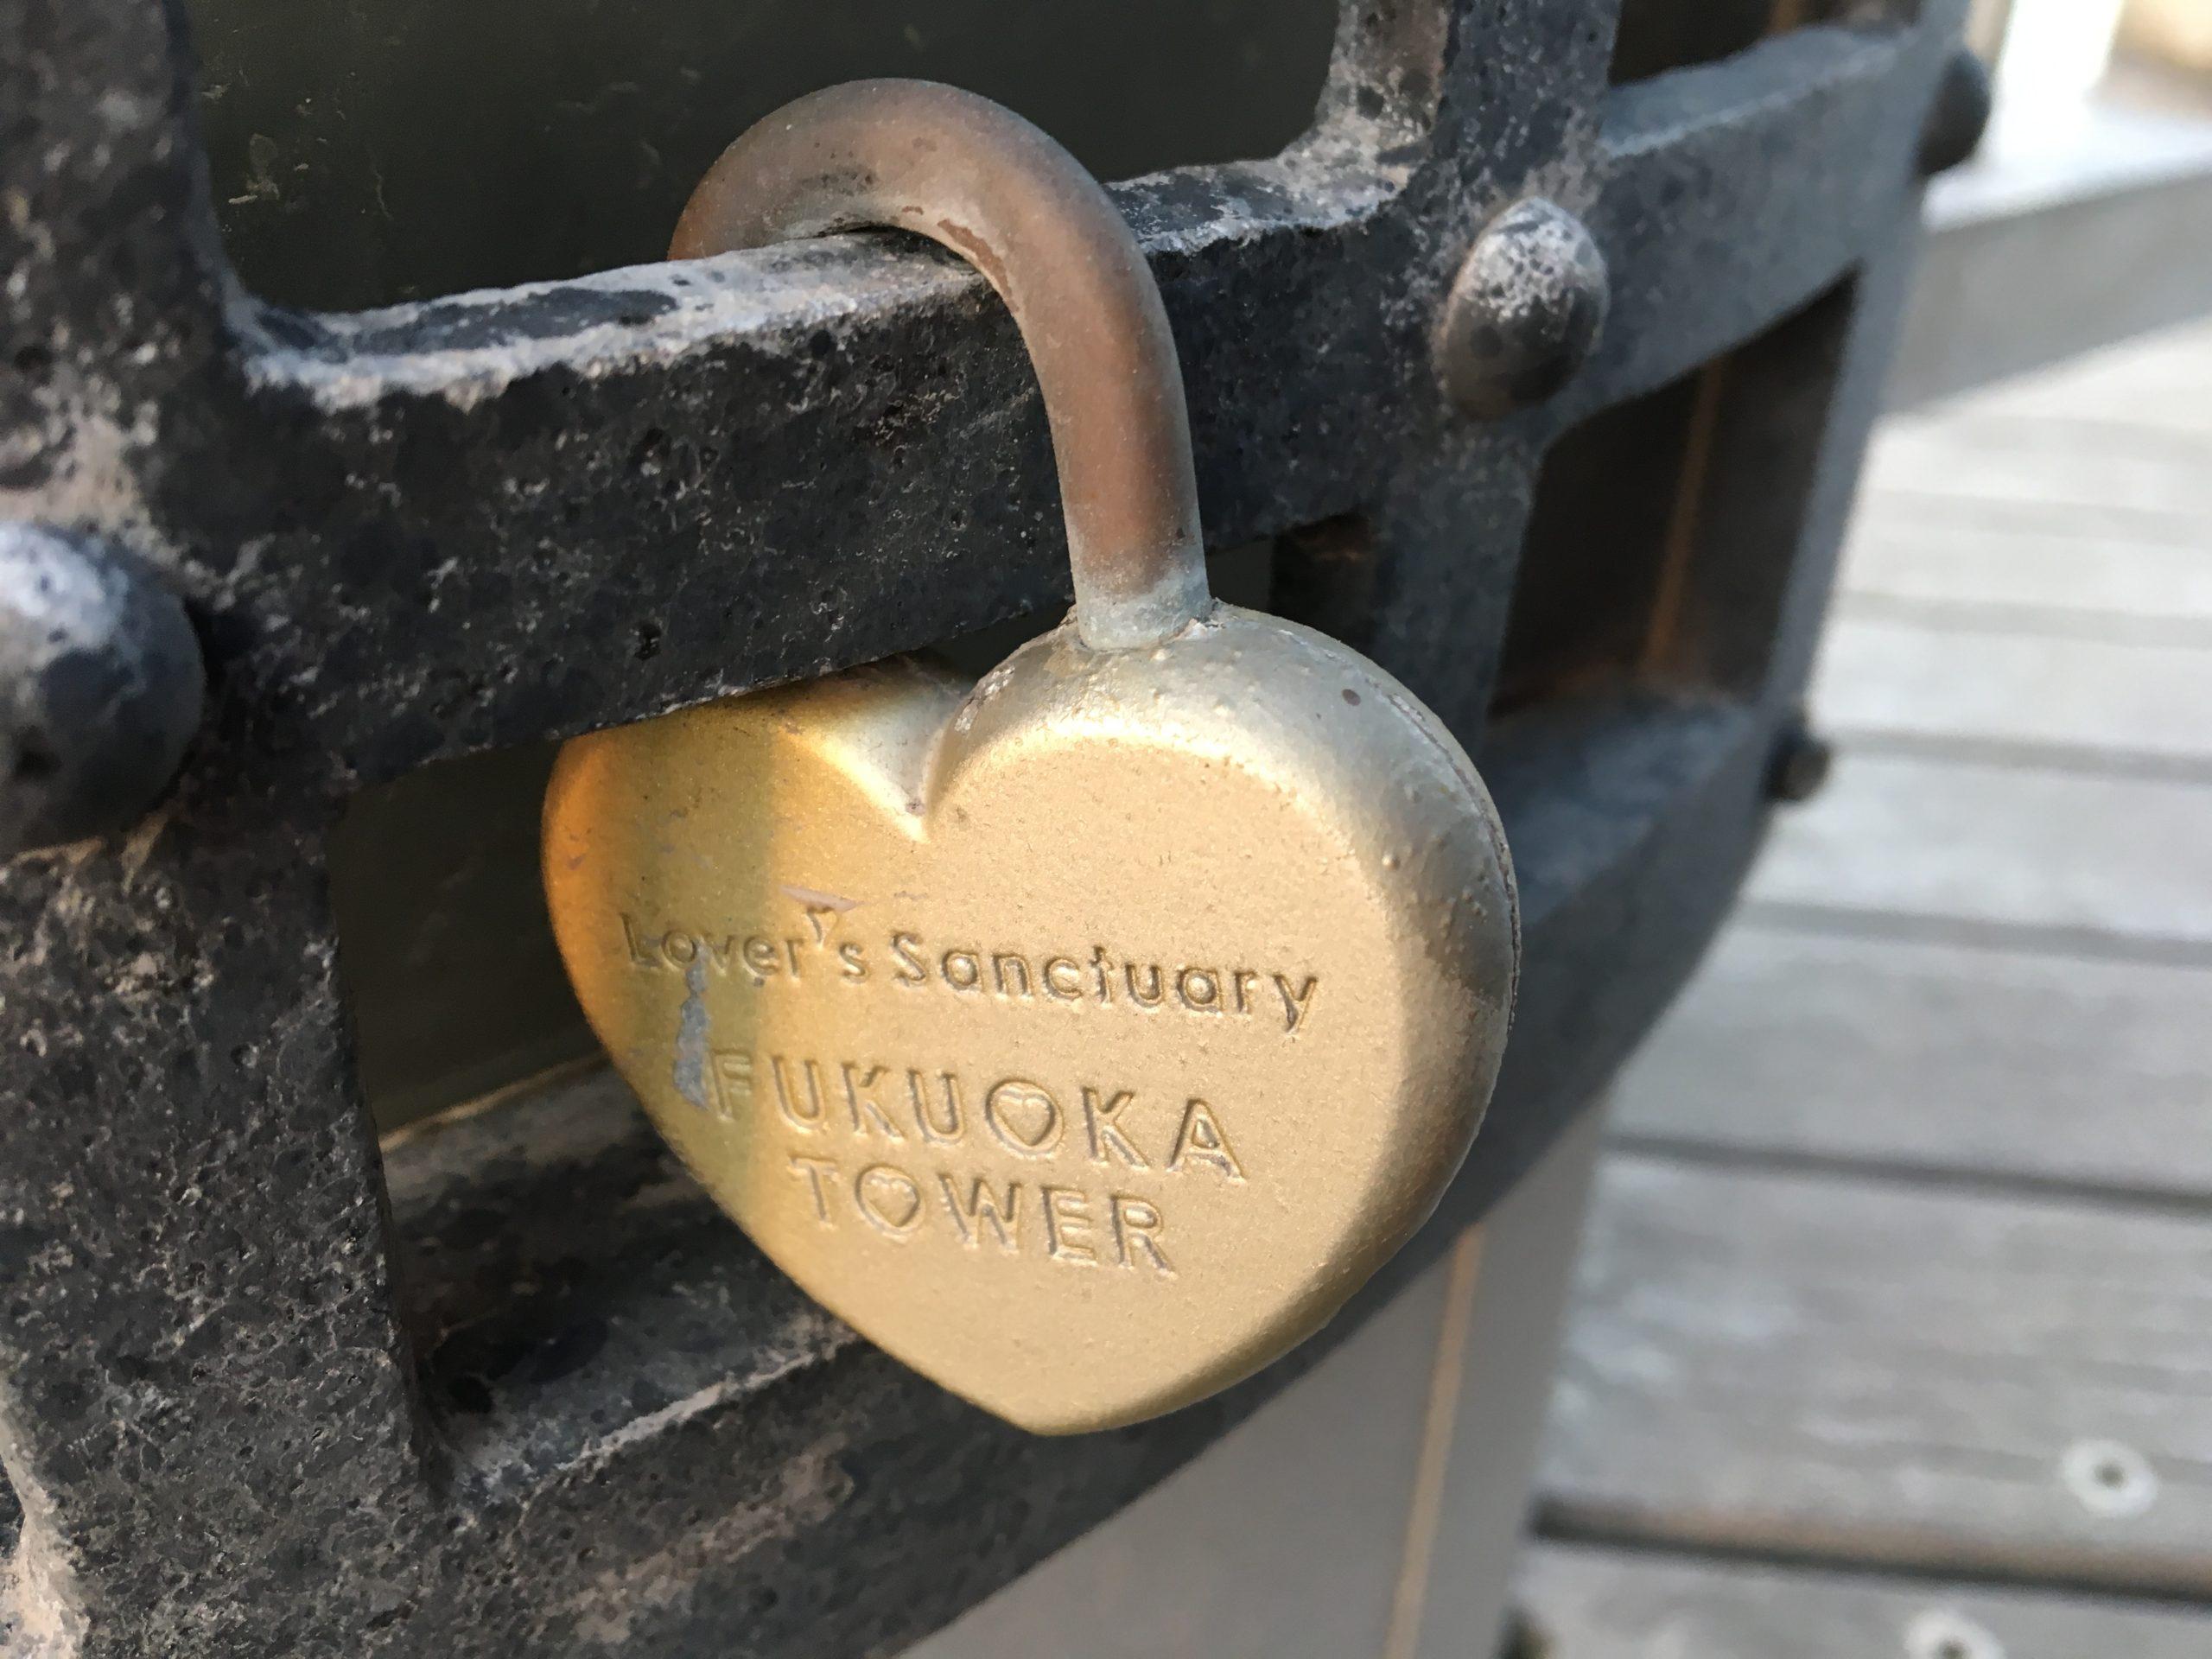 【真実の愛か】かごしま水族館横の遊歩道に固くかけられたカギの謎に迫る【黒歴史か】